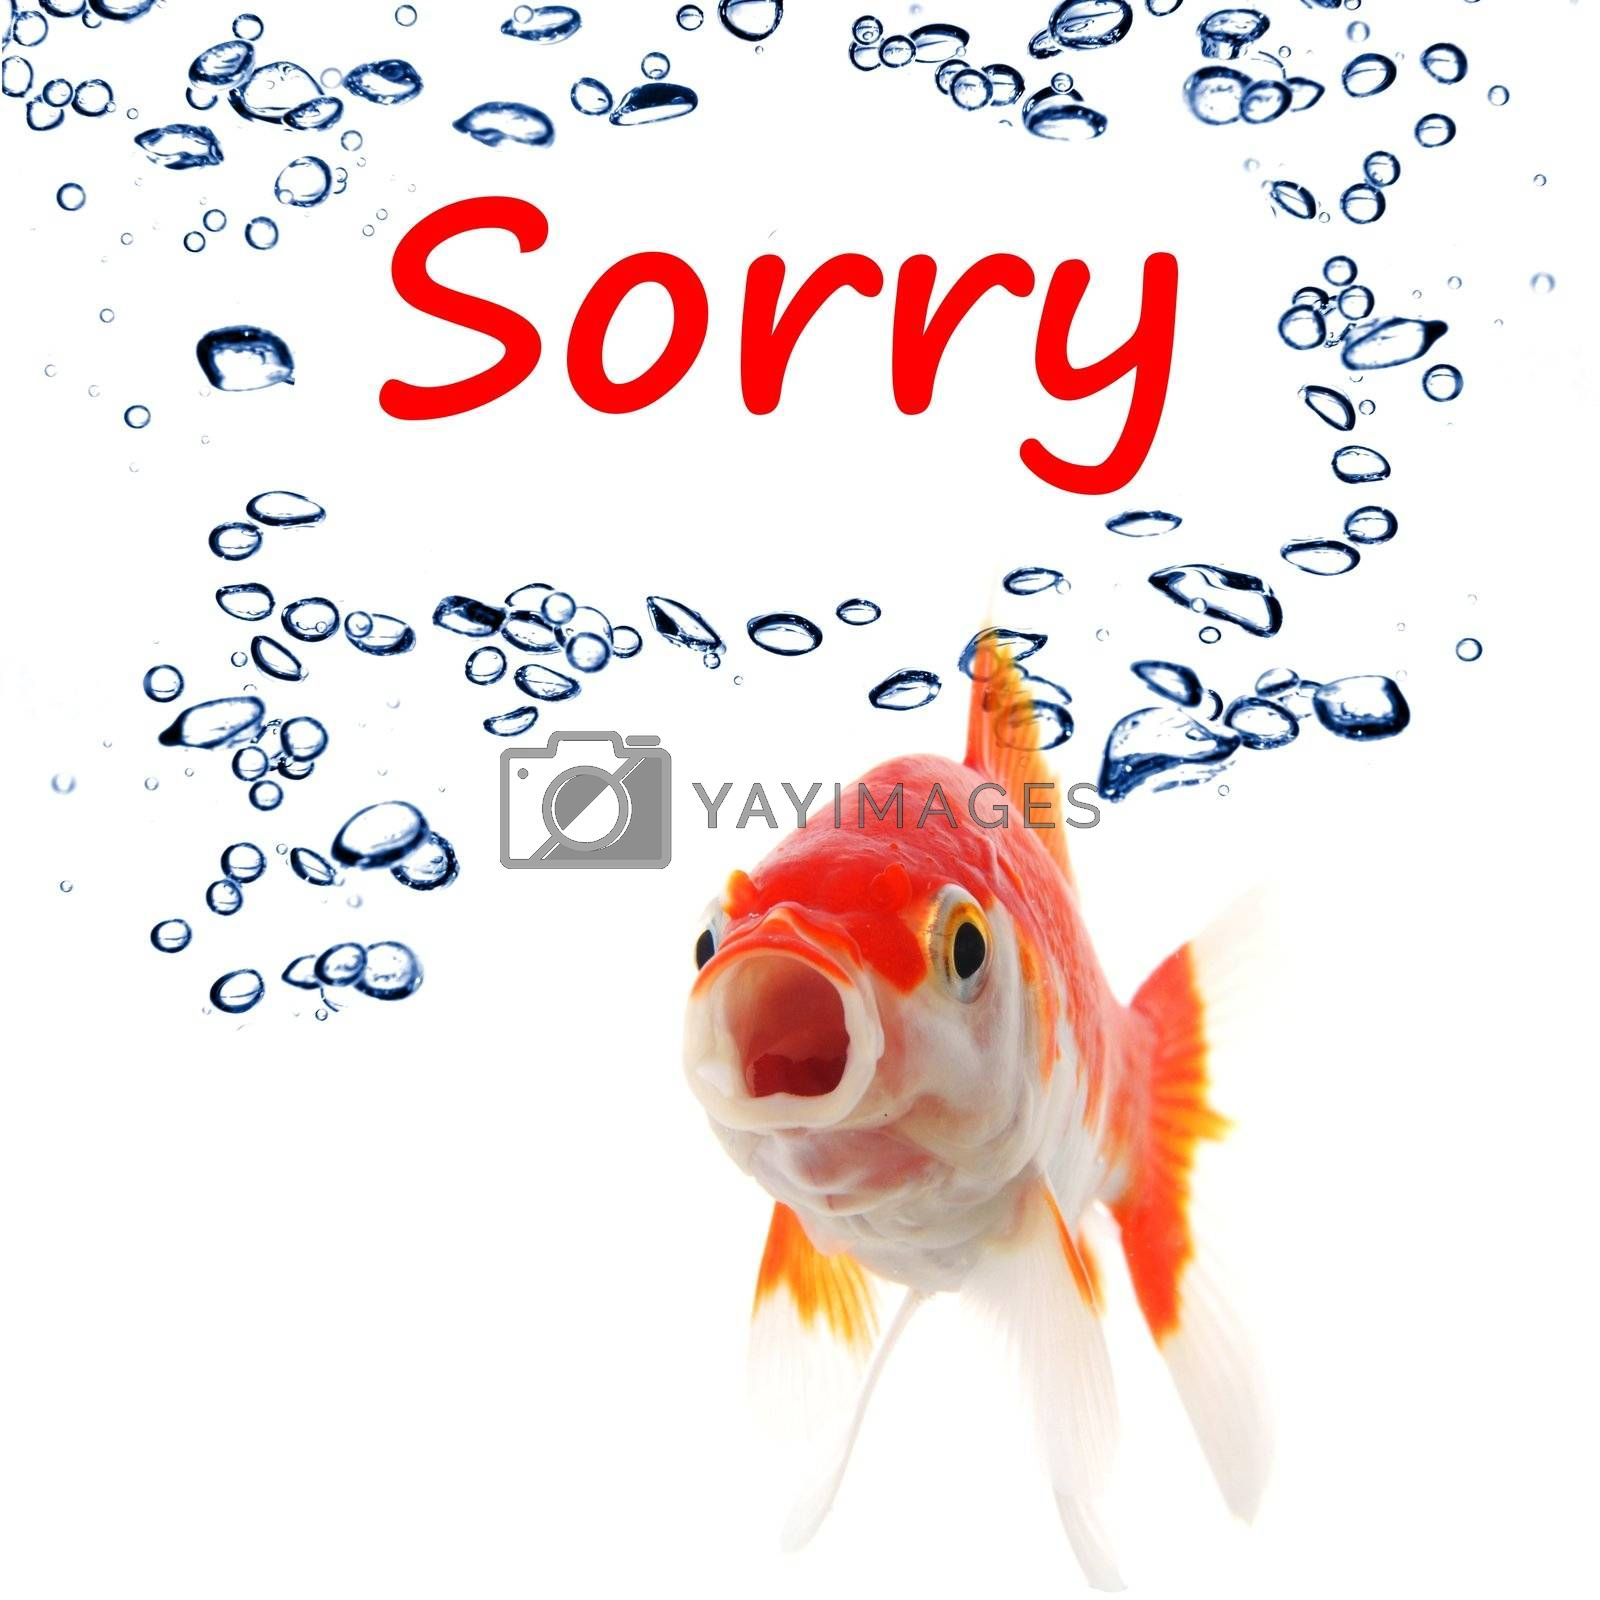 sorry by gunnar3000